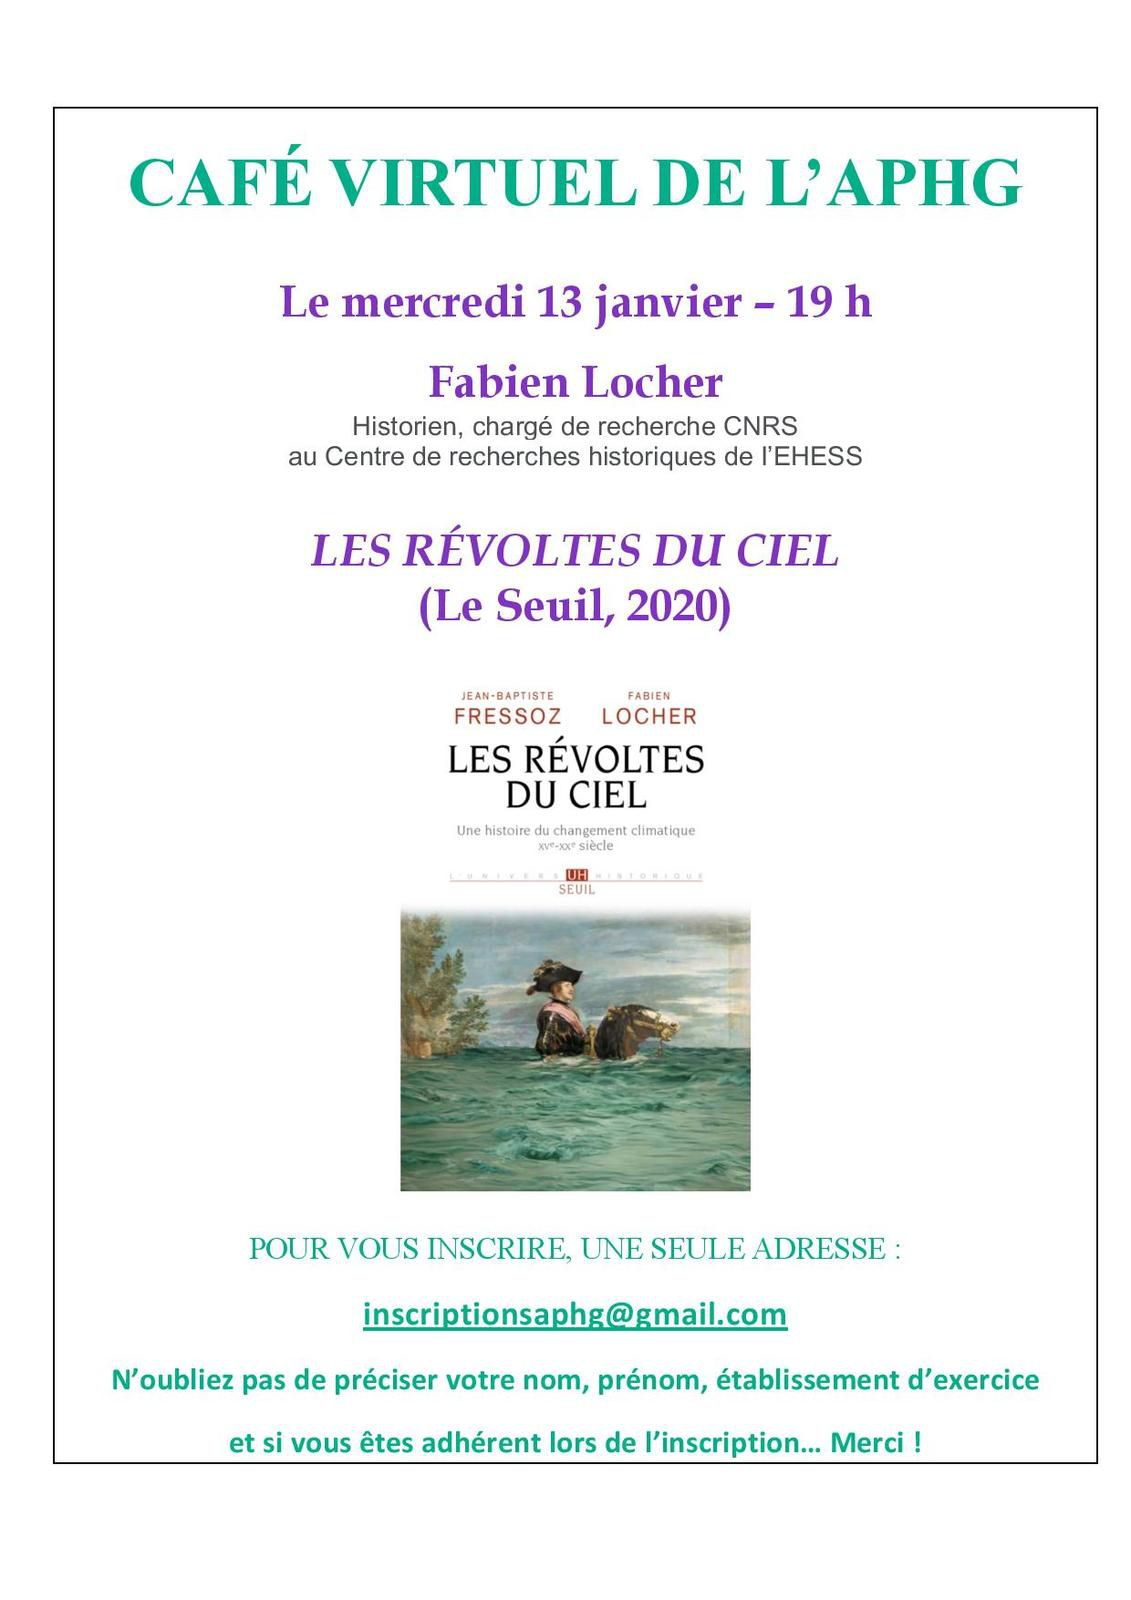 """Un café virtuel de Fabien Locher autour de son livre """"Les révoltes du ciel"""" le 13 janvier"""